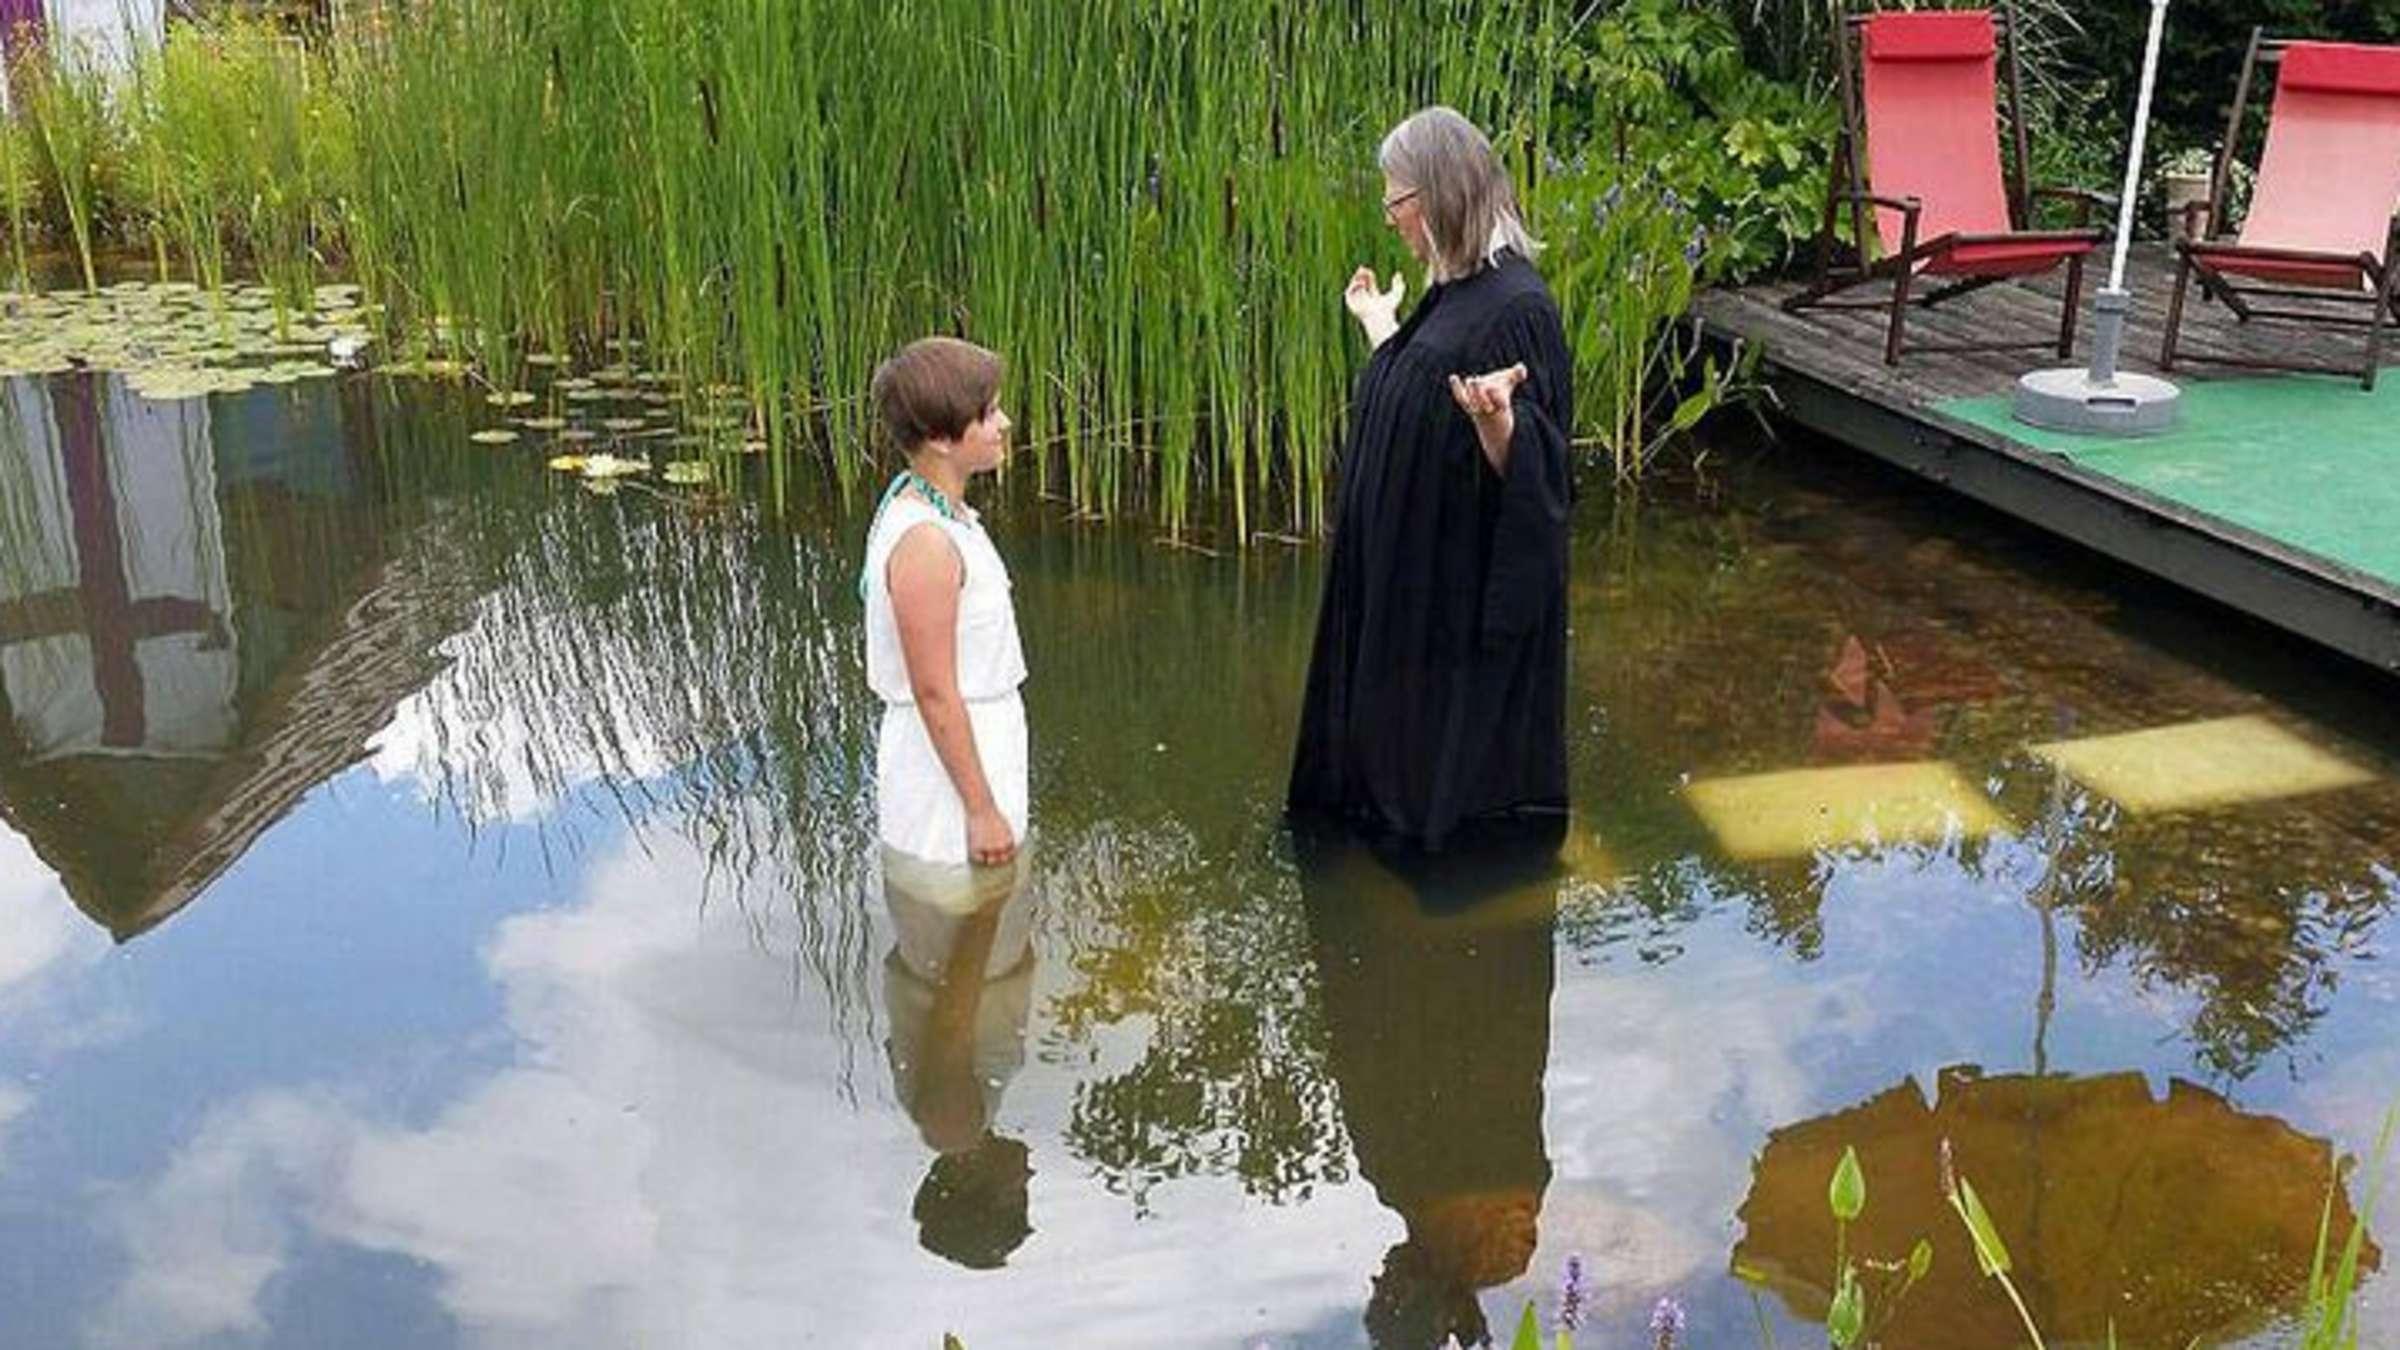 Doppelte Taufe Im Teich Der Großeltern Gardelegen